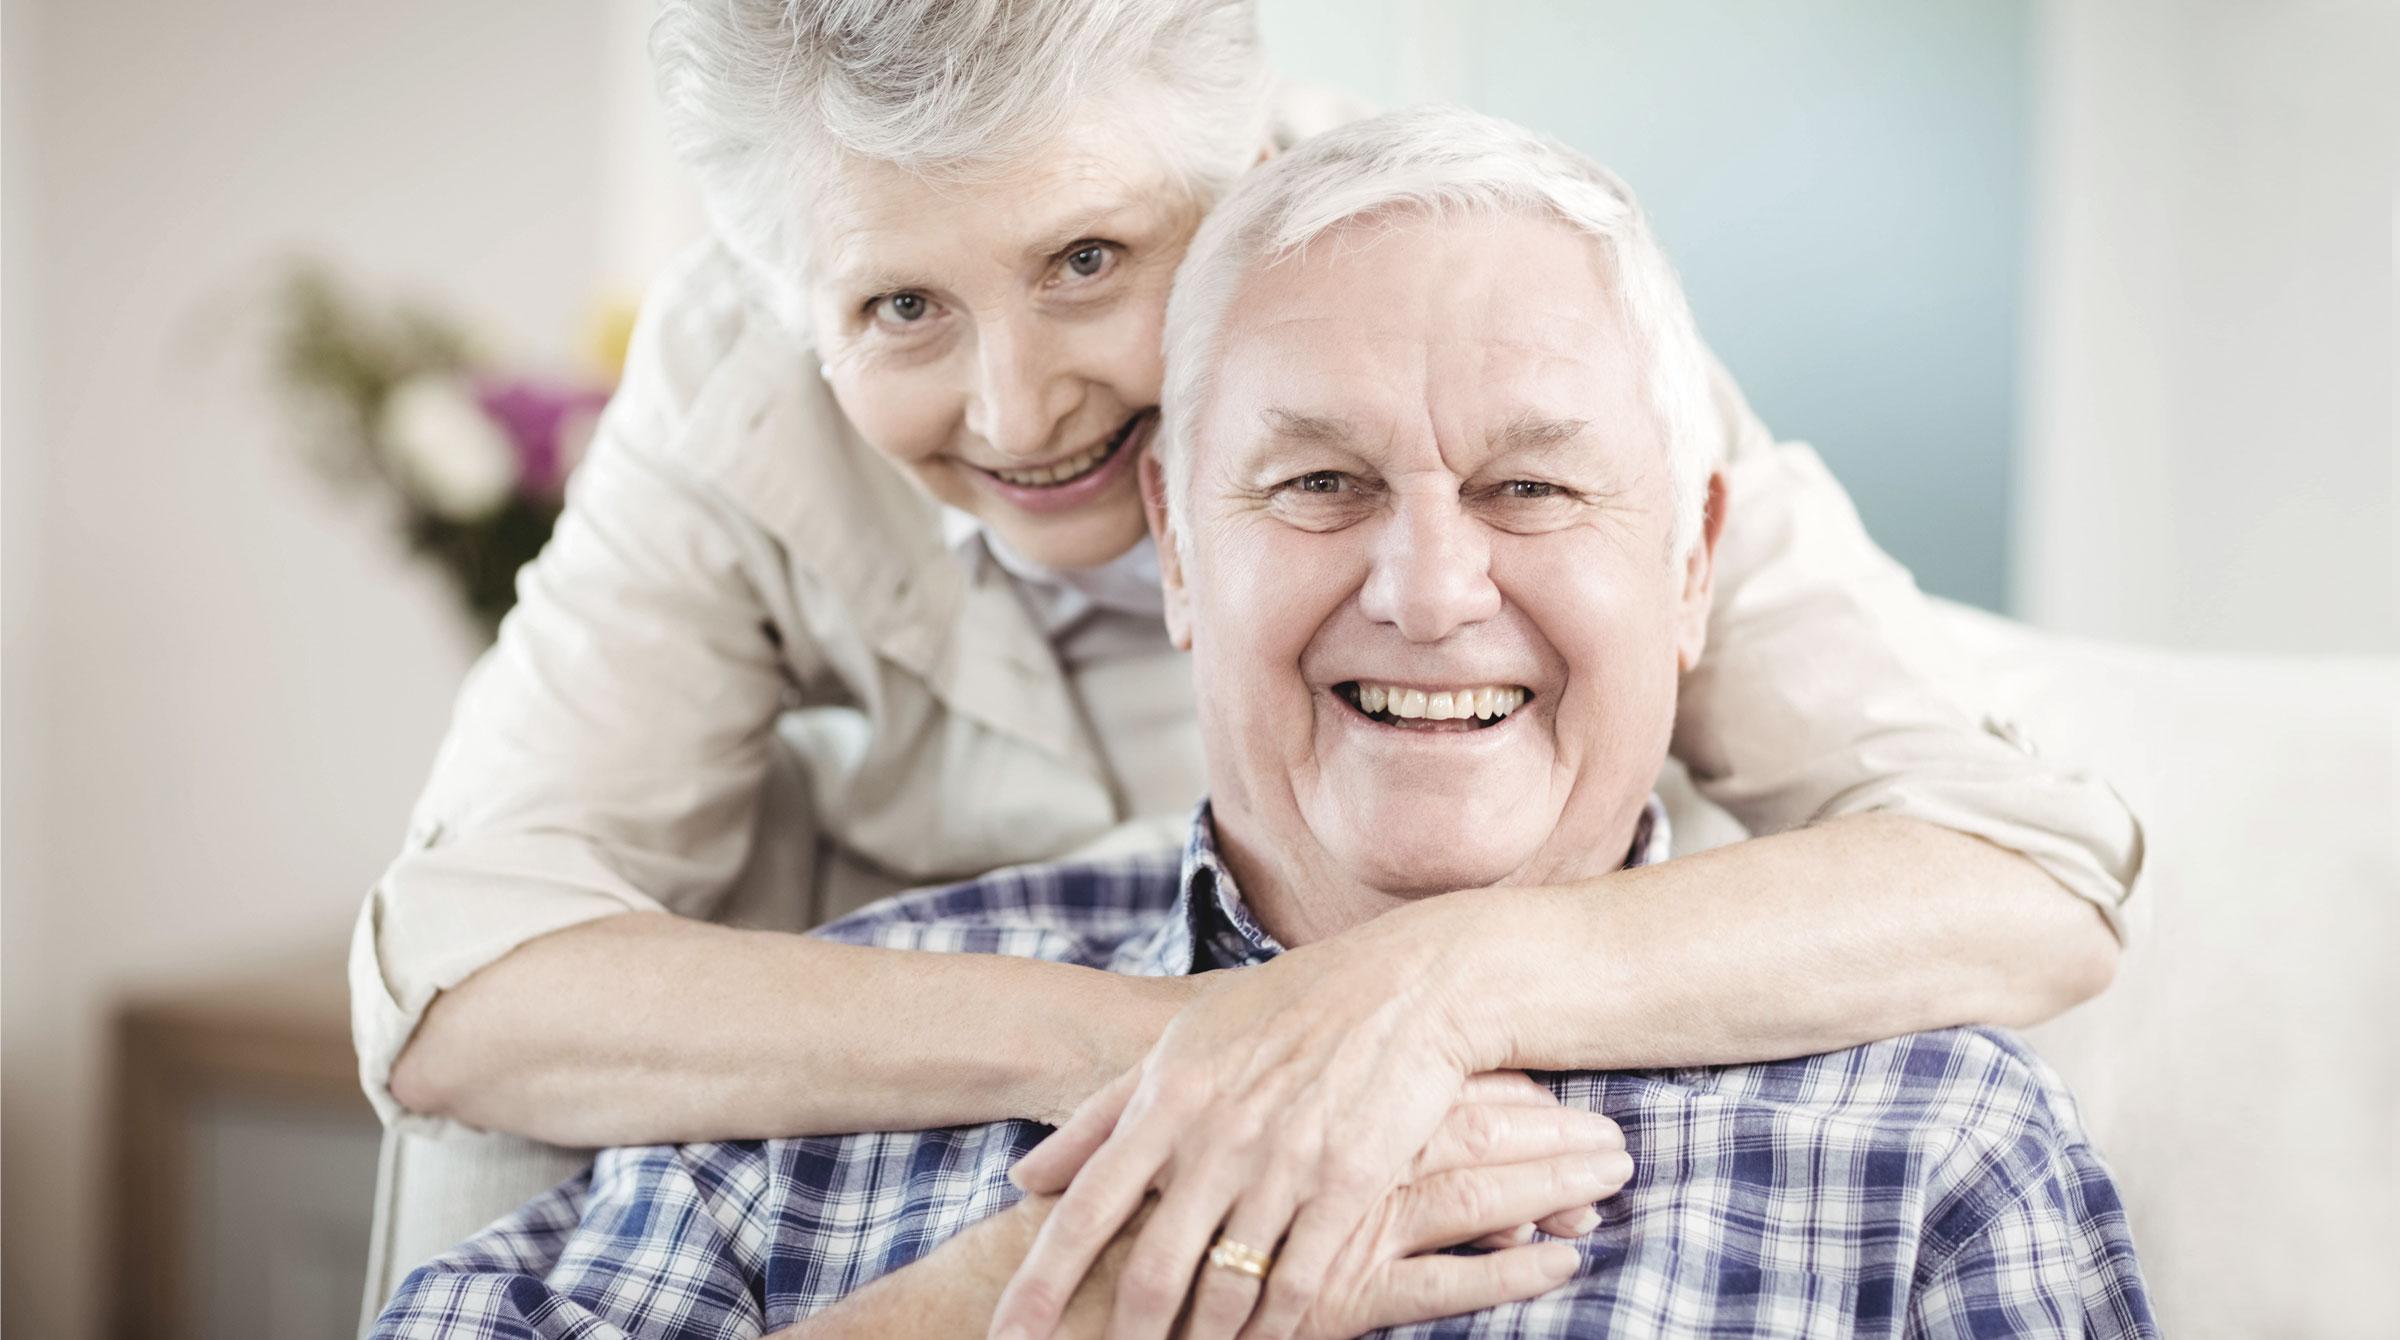 Alles zum Thema Altersgerechtes Wohnen